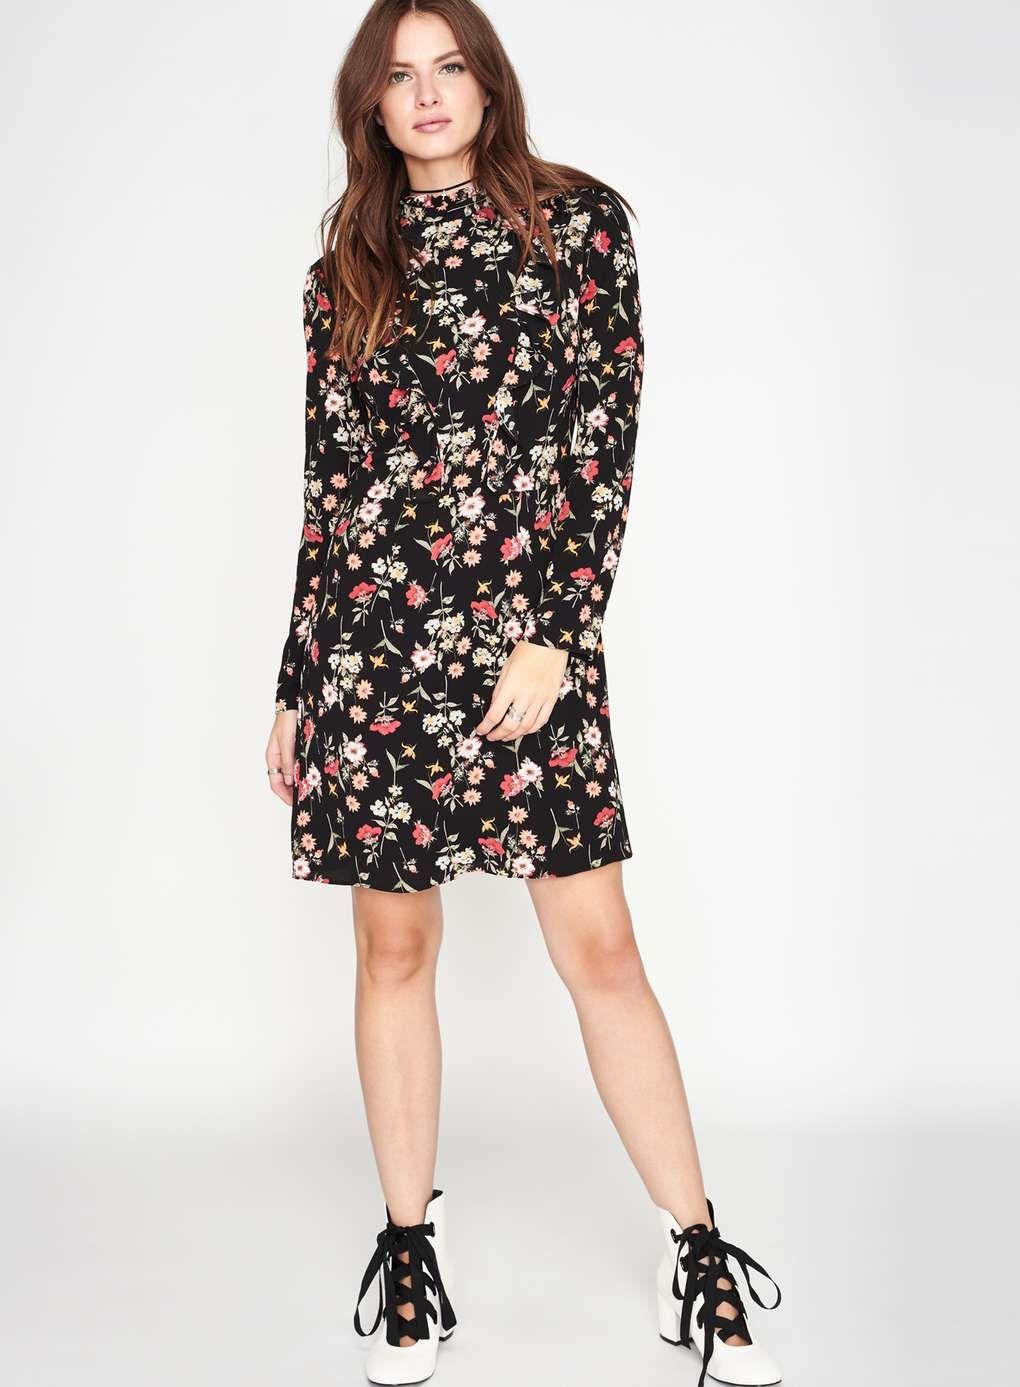 Floral High Neck Ruffle Dress Ruffle Dress Dresses Long Sleeve Dress